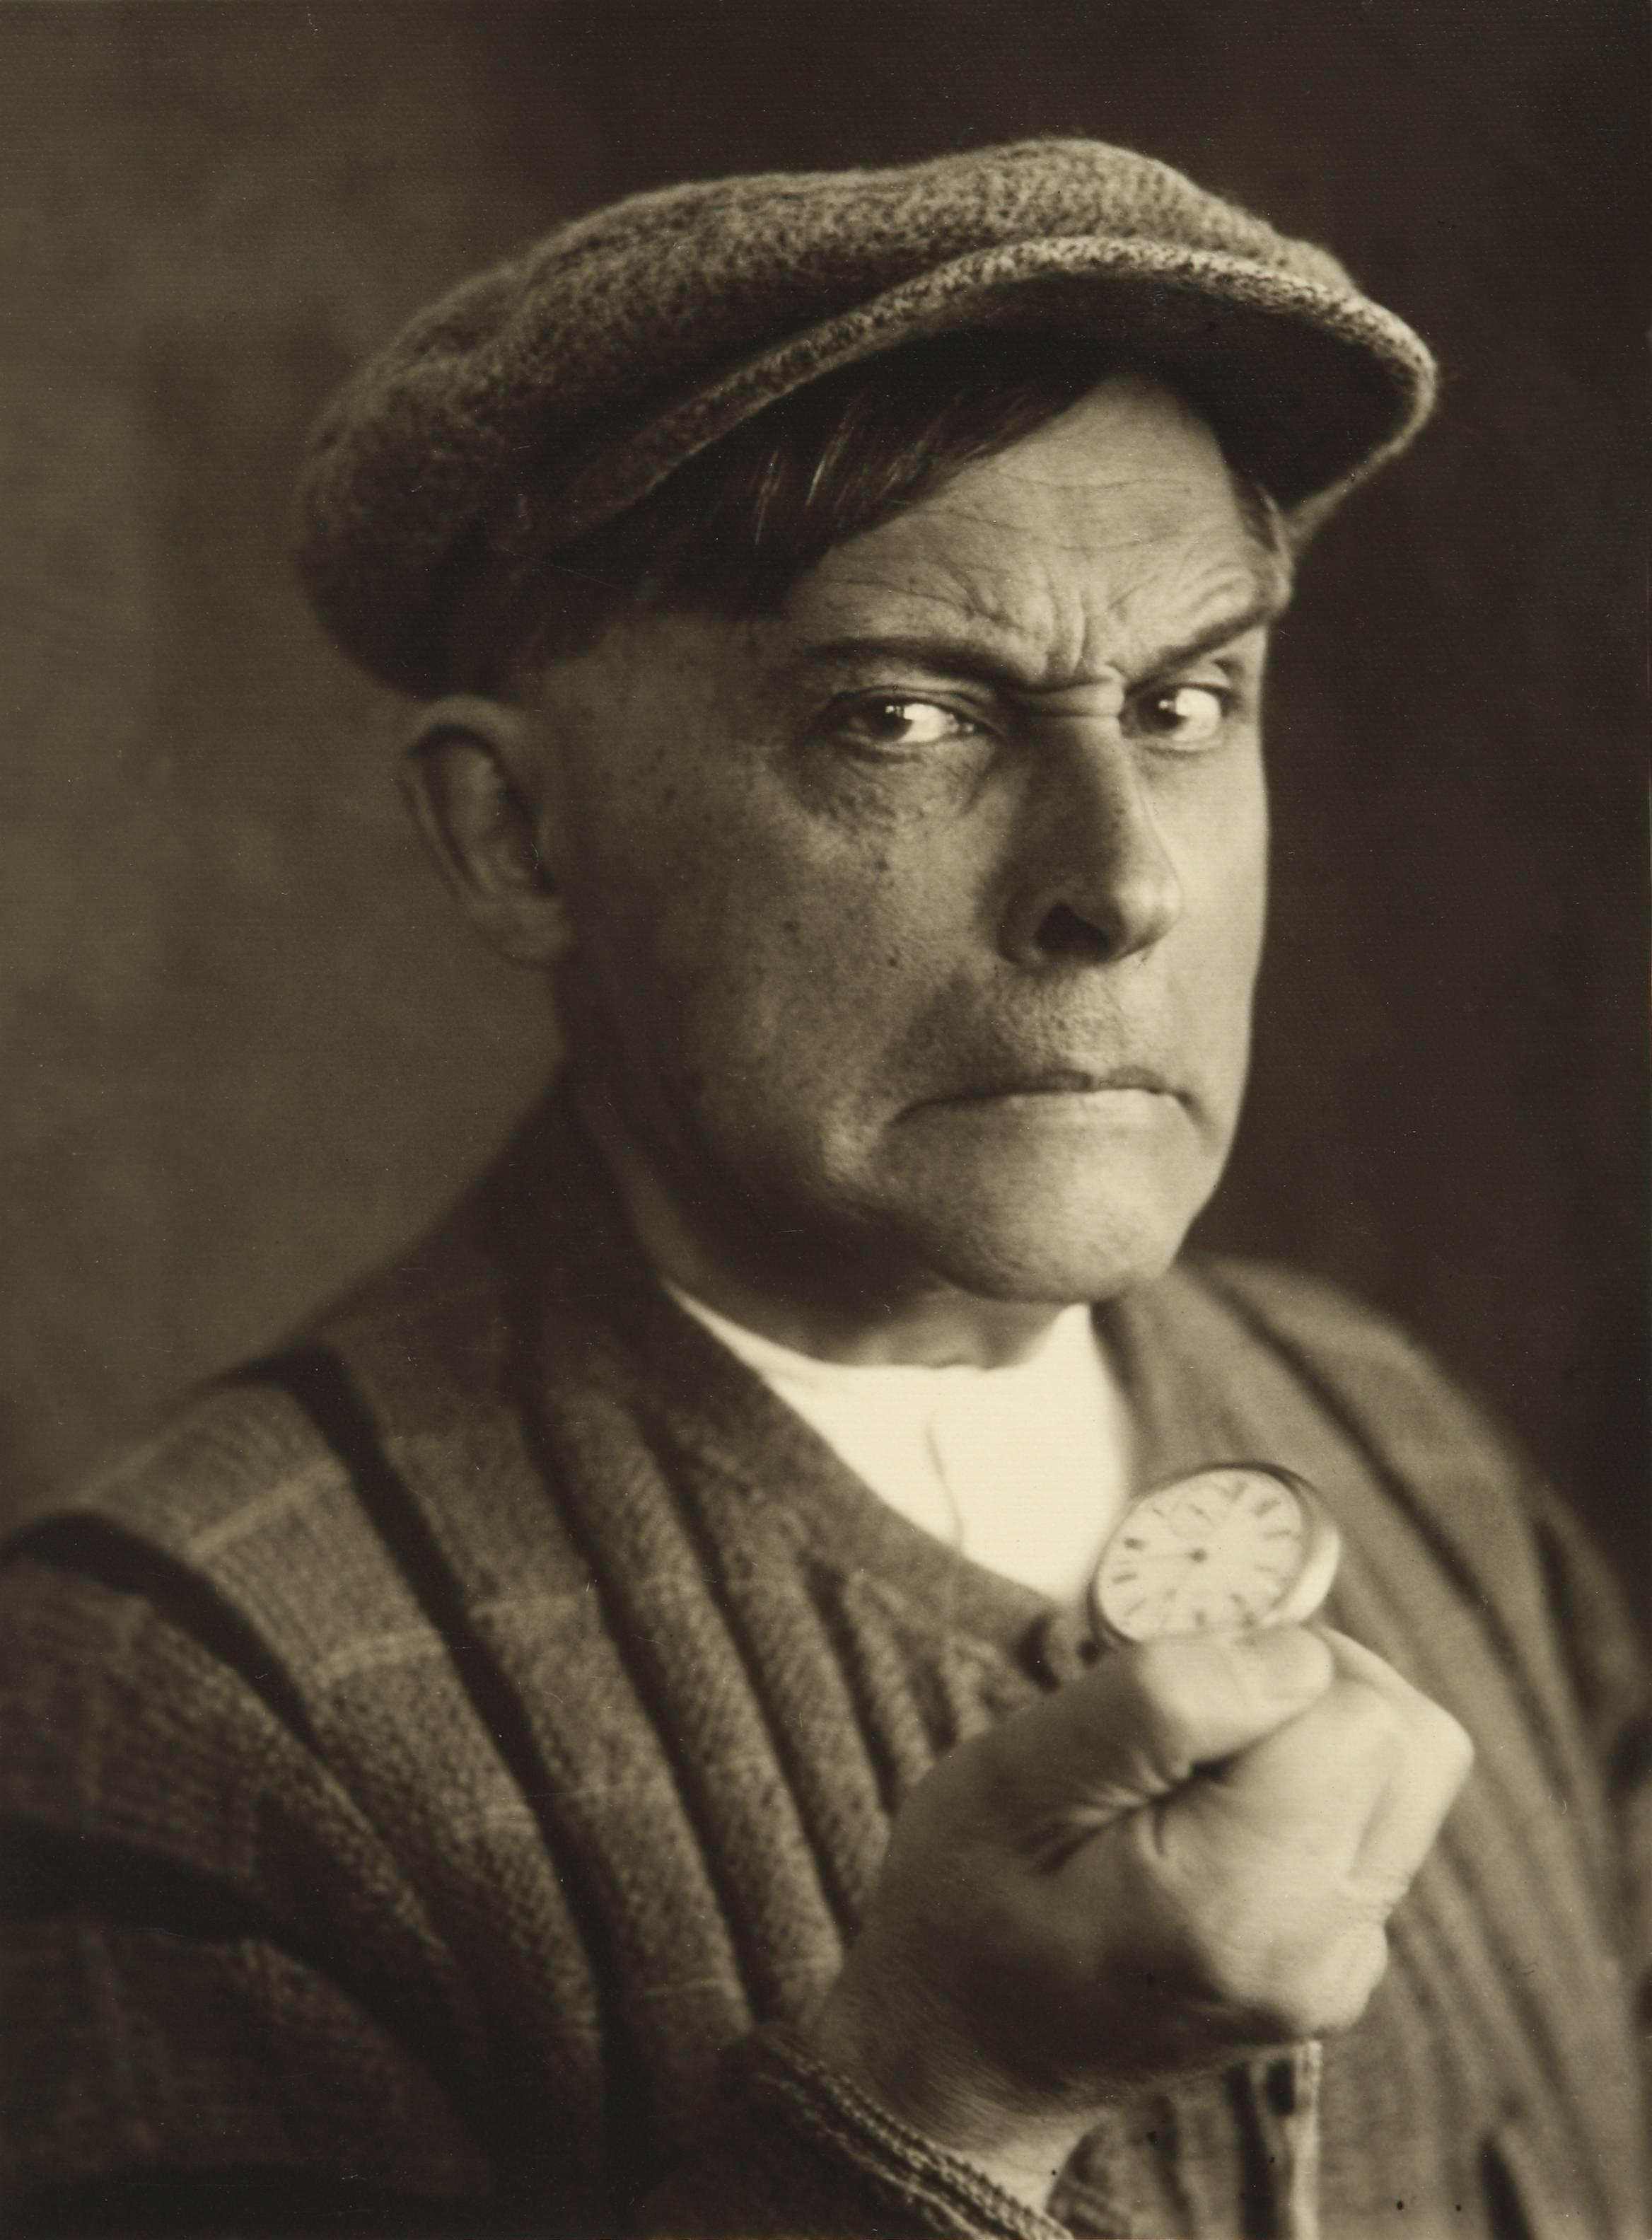 """Stanisław Ignacy Witkiewicz, """"Groźny bandyta"""", 1931, fotografia, 11,7 × 8,5 cm, courtesy Muzeum Tatrzańskie w Zakopanem (źródło: materiały organizatora)"""